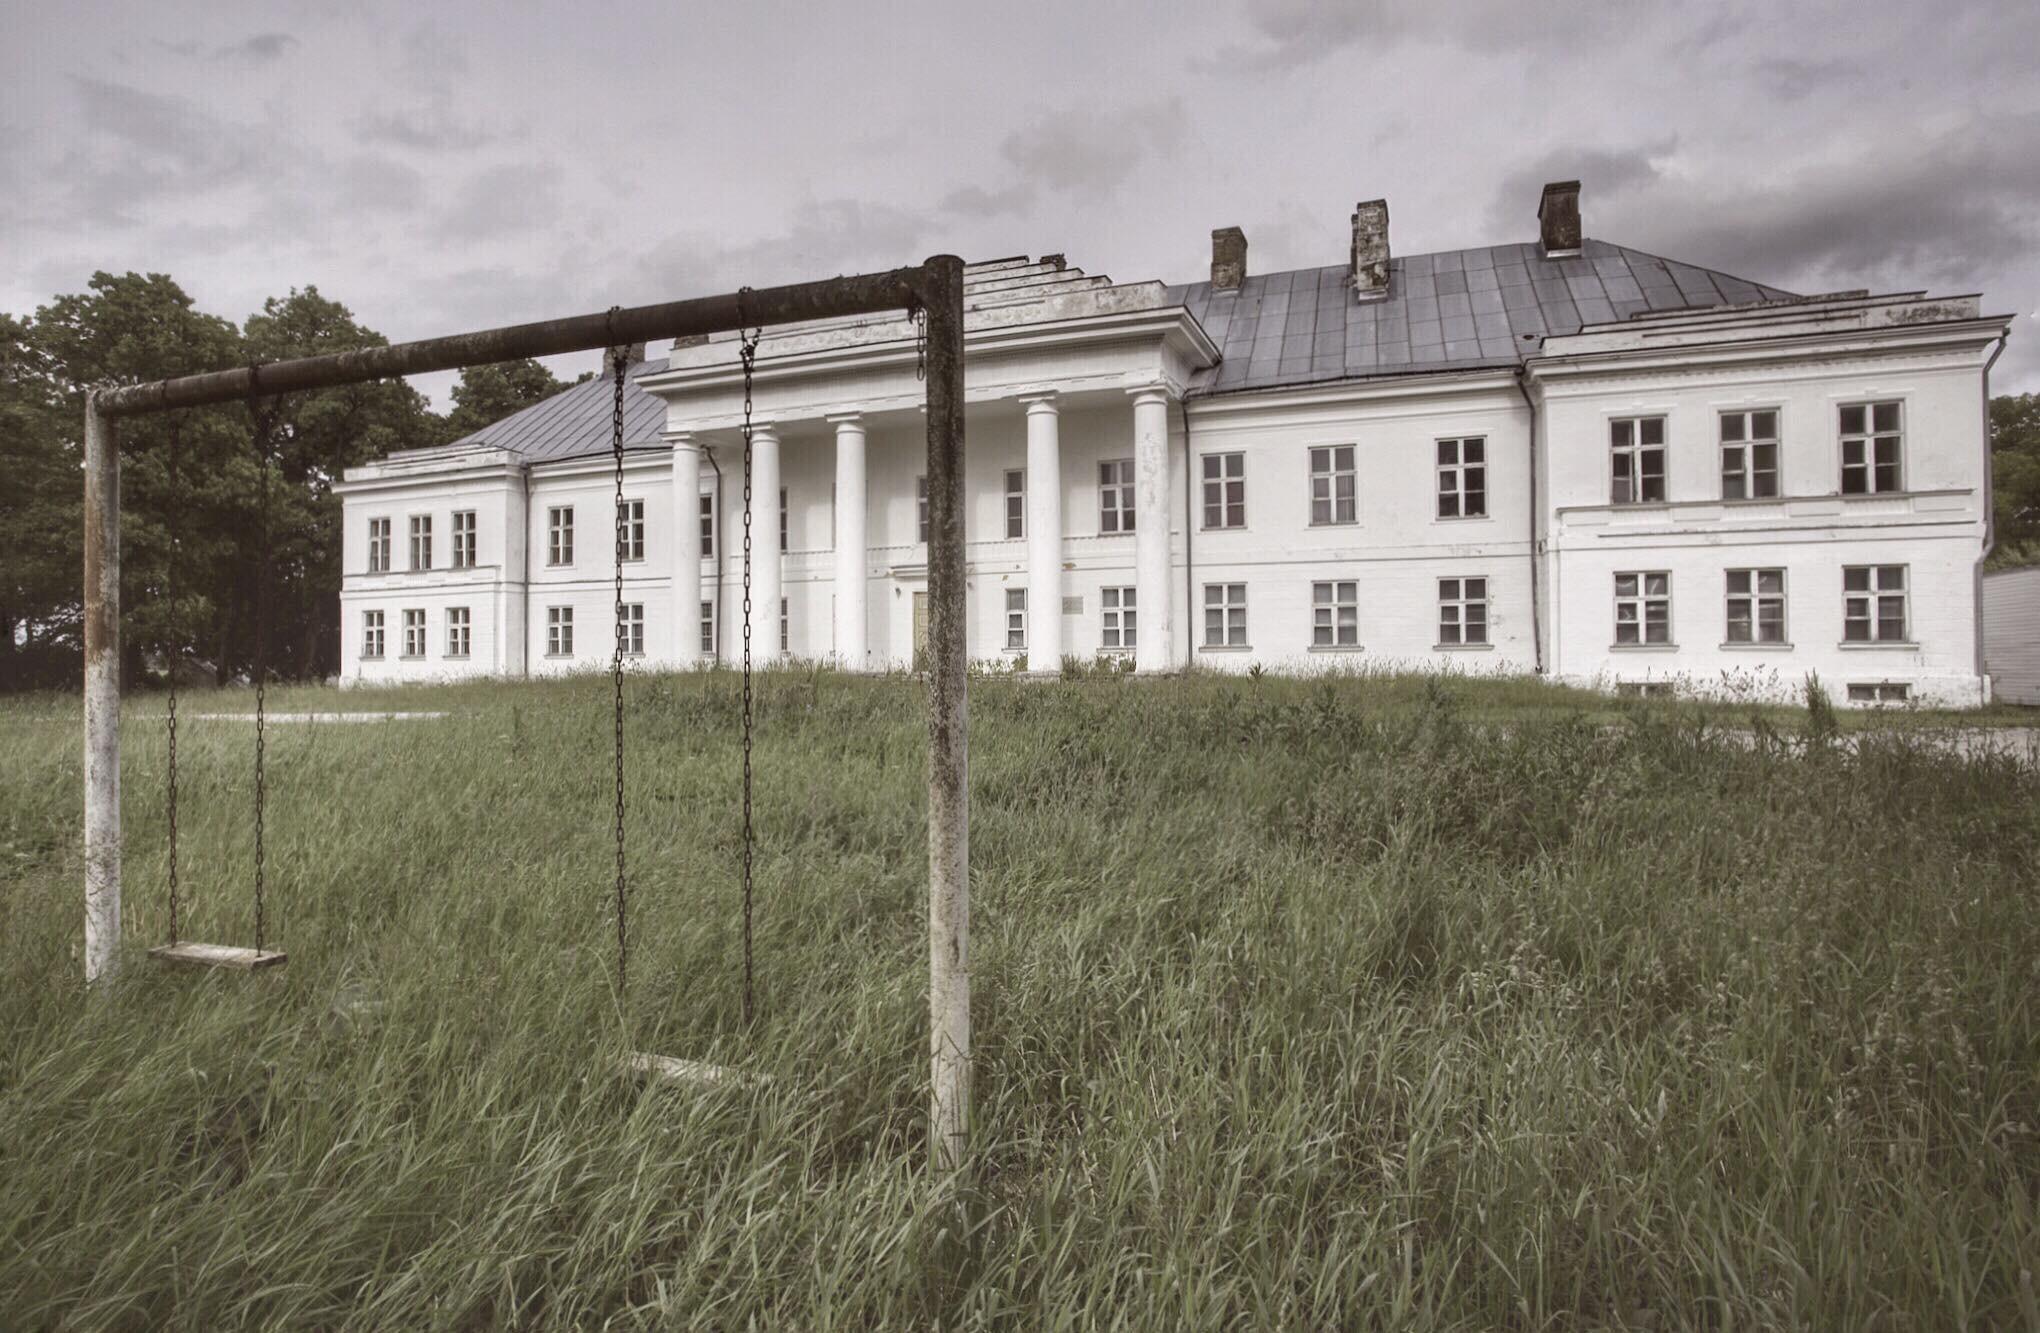 «Качели для маленьких принцесс». Особняк в Эстонии. Фотопроект Киммо Пархиала и Тани Палмунен «Заброшенная Скандинавия»